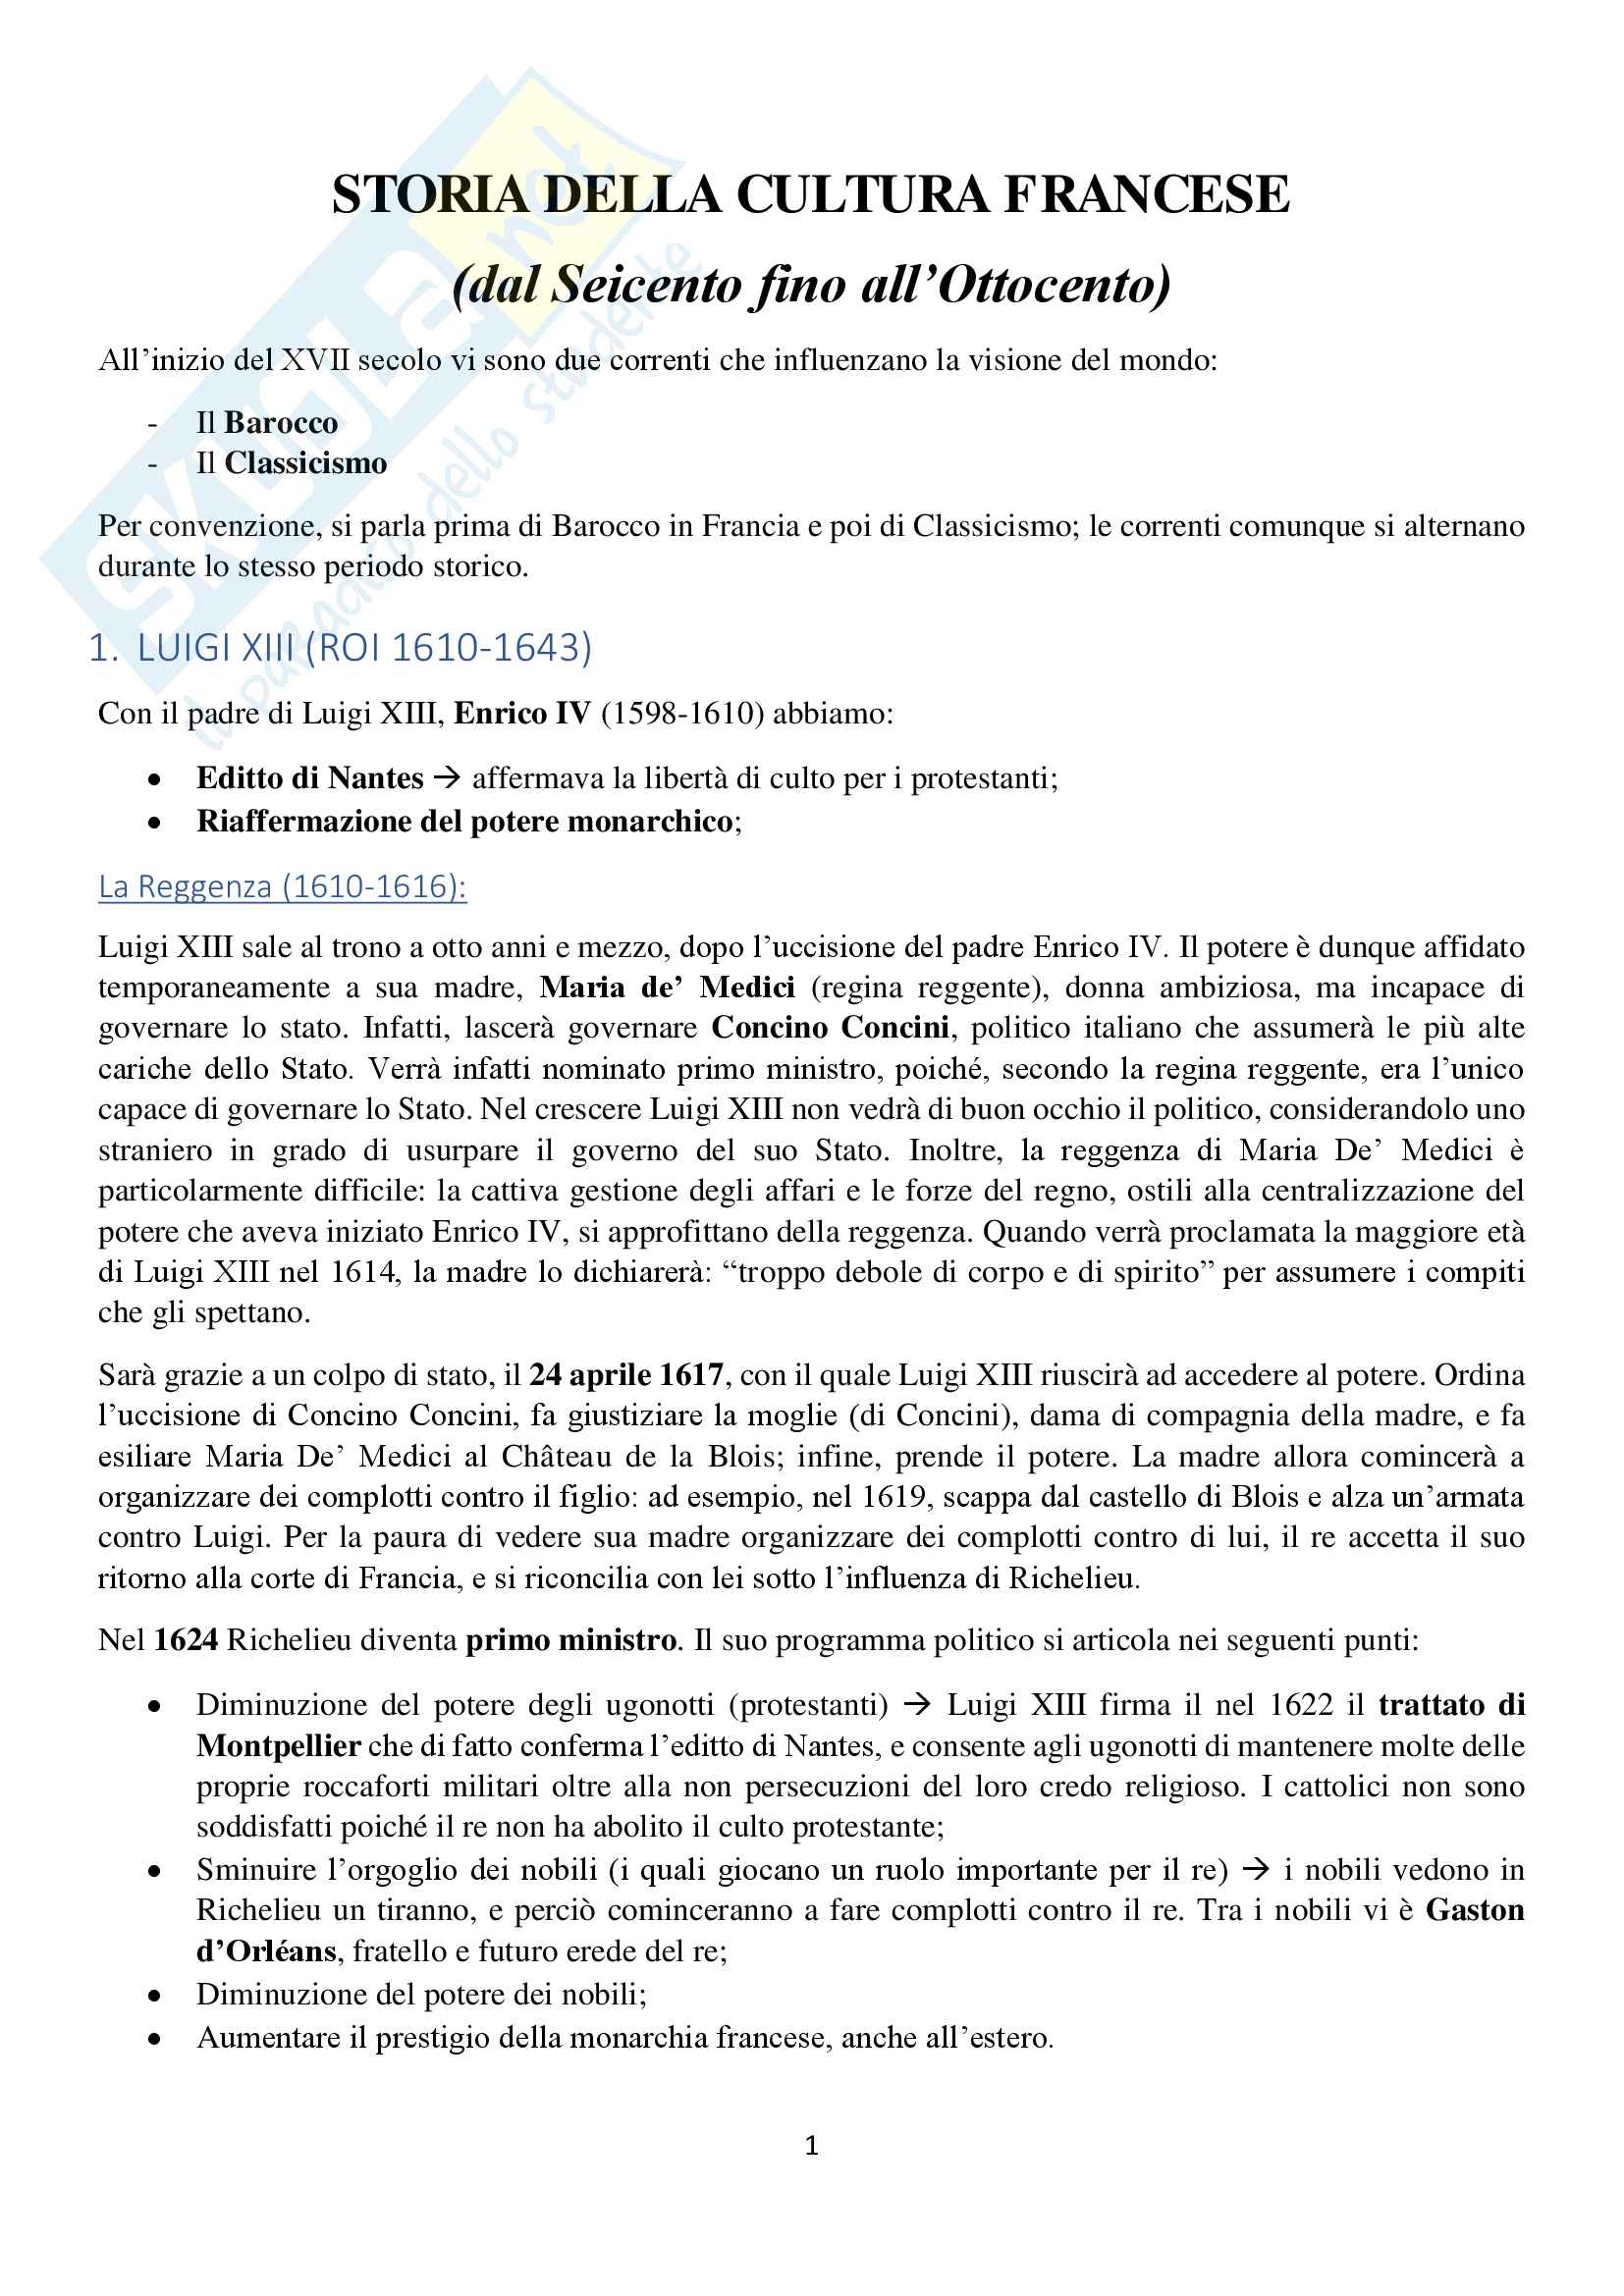 Storia della cultura francese dal Seicento all'Ottocento, esame di storia della cultura francese, prof. Brignoli, appunti